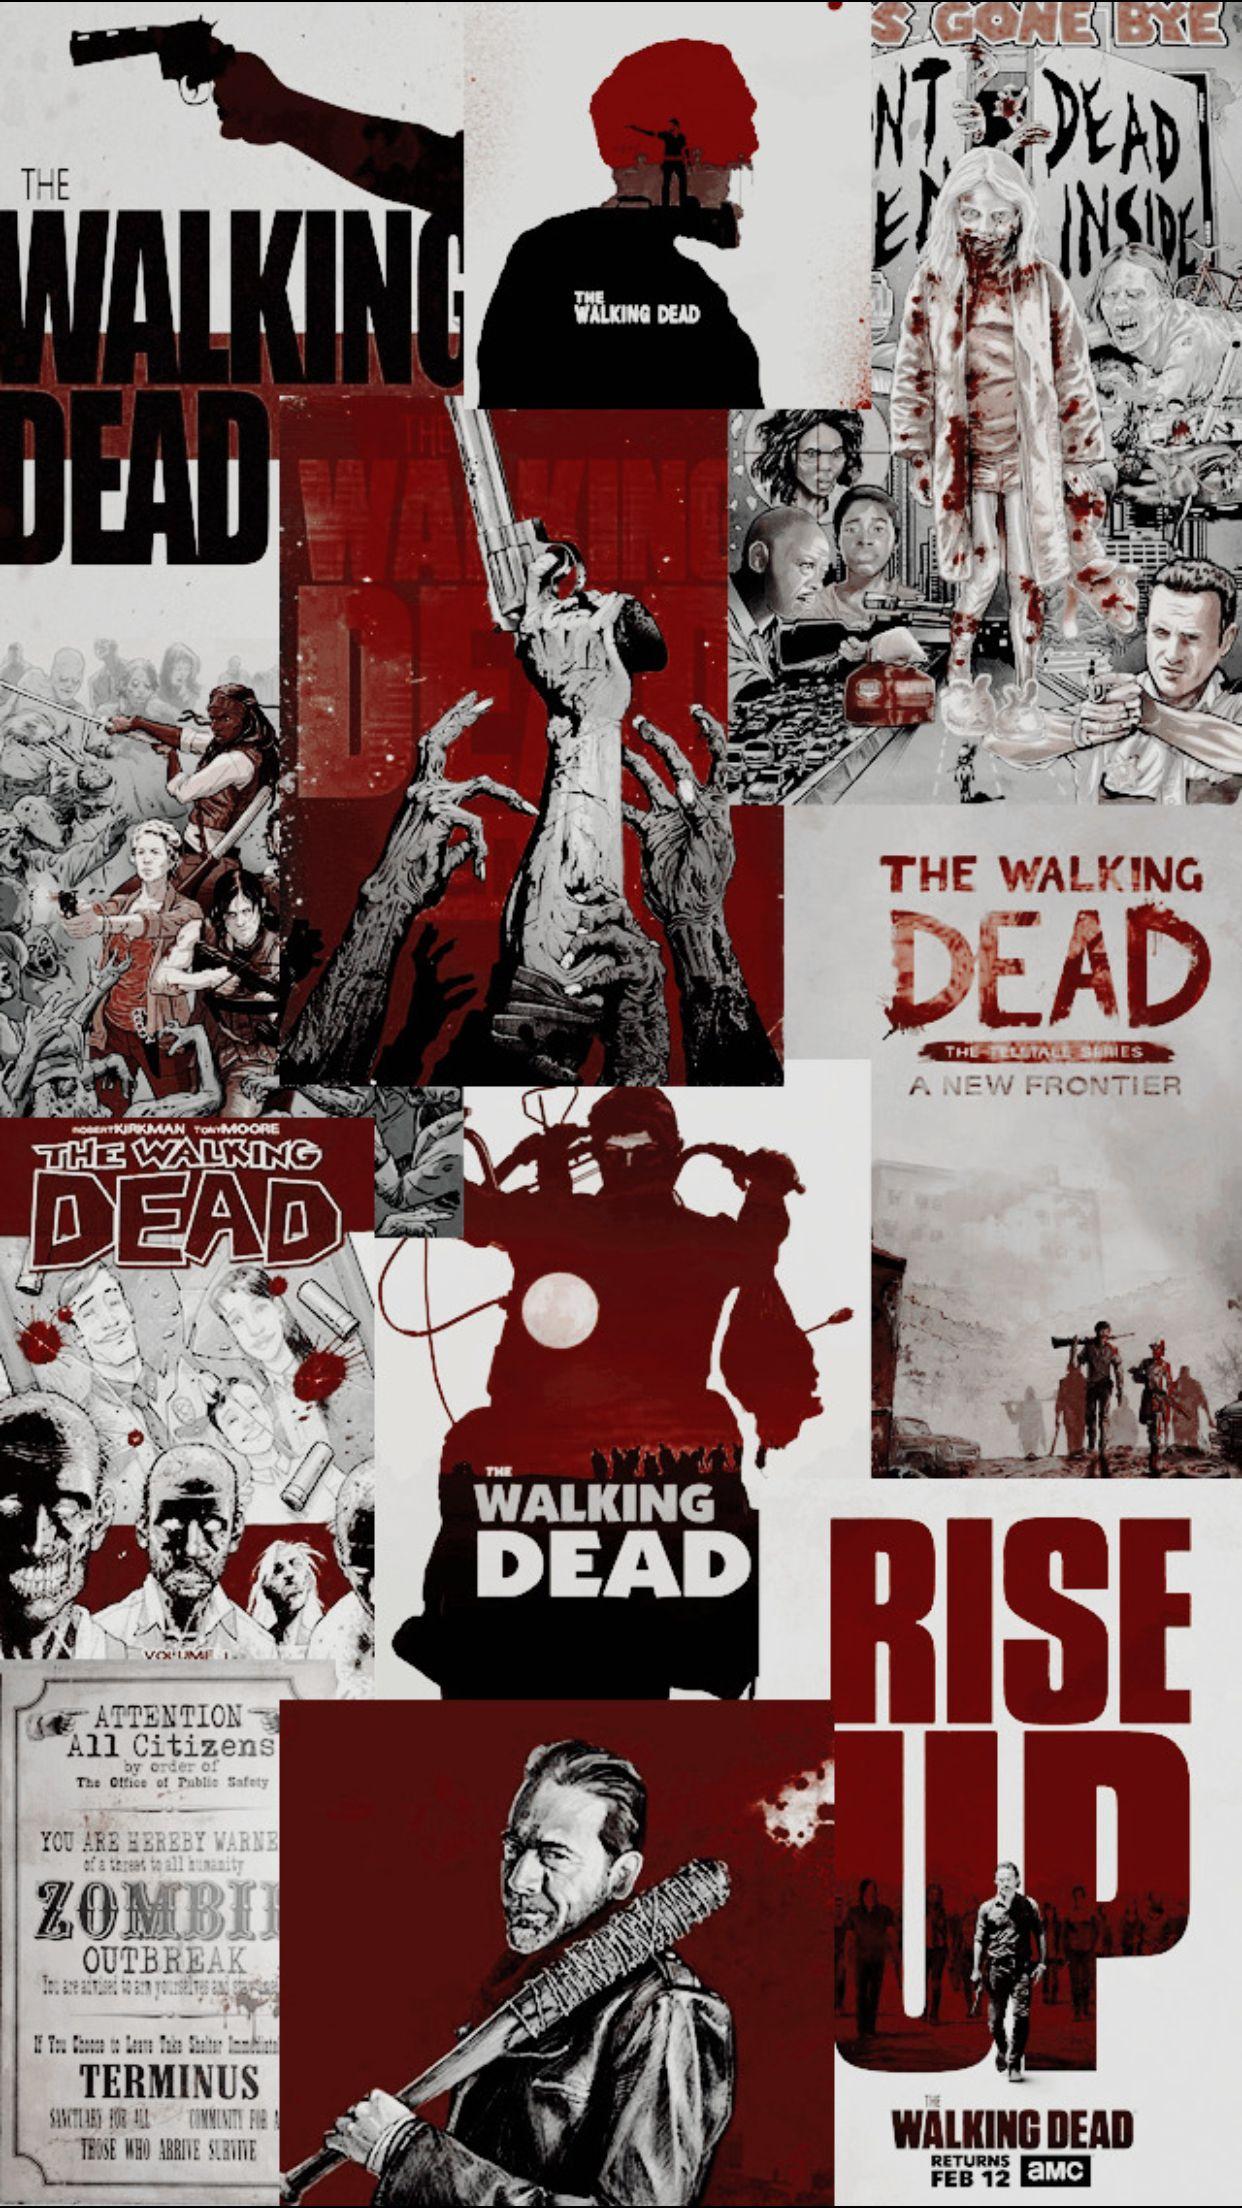 Thewalkingdead Twd Wallpaper Papel De Parede The Walking Dead The Walking Dead Carl The Walking Dead